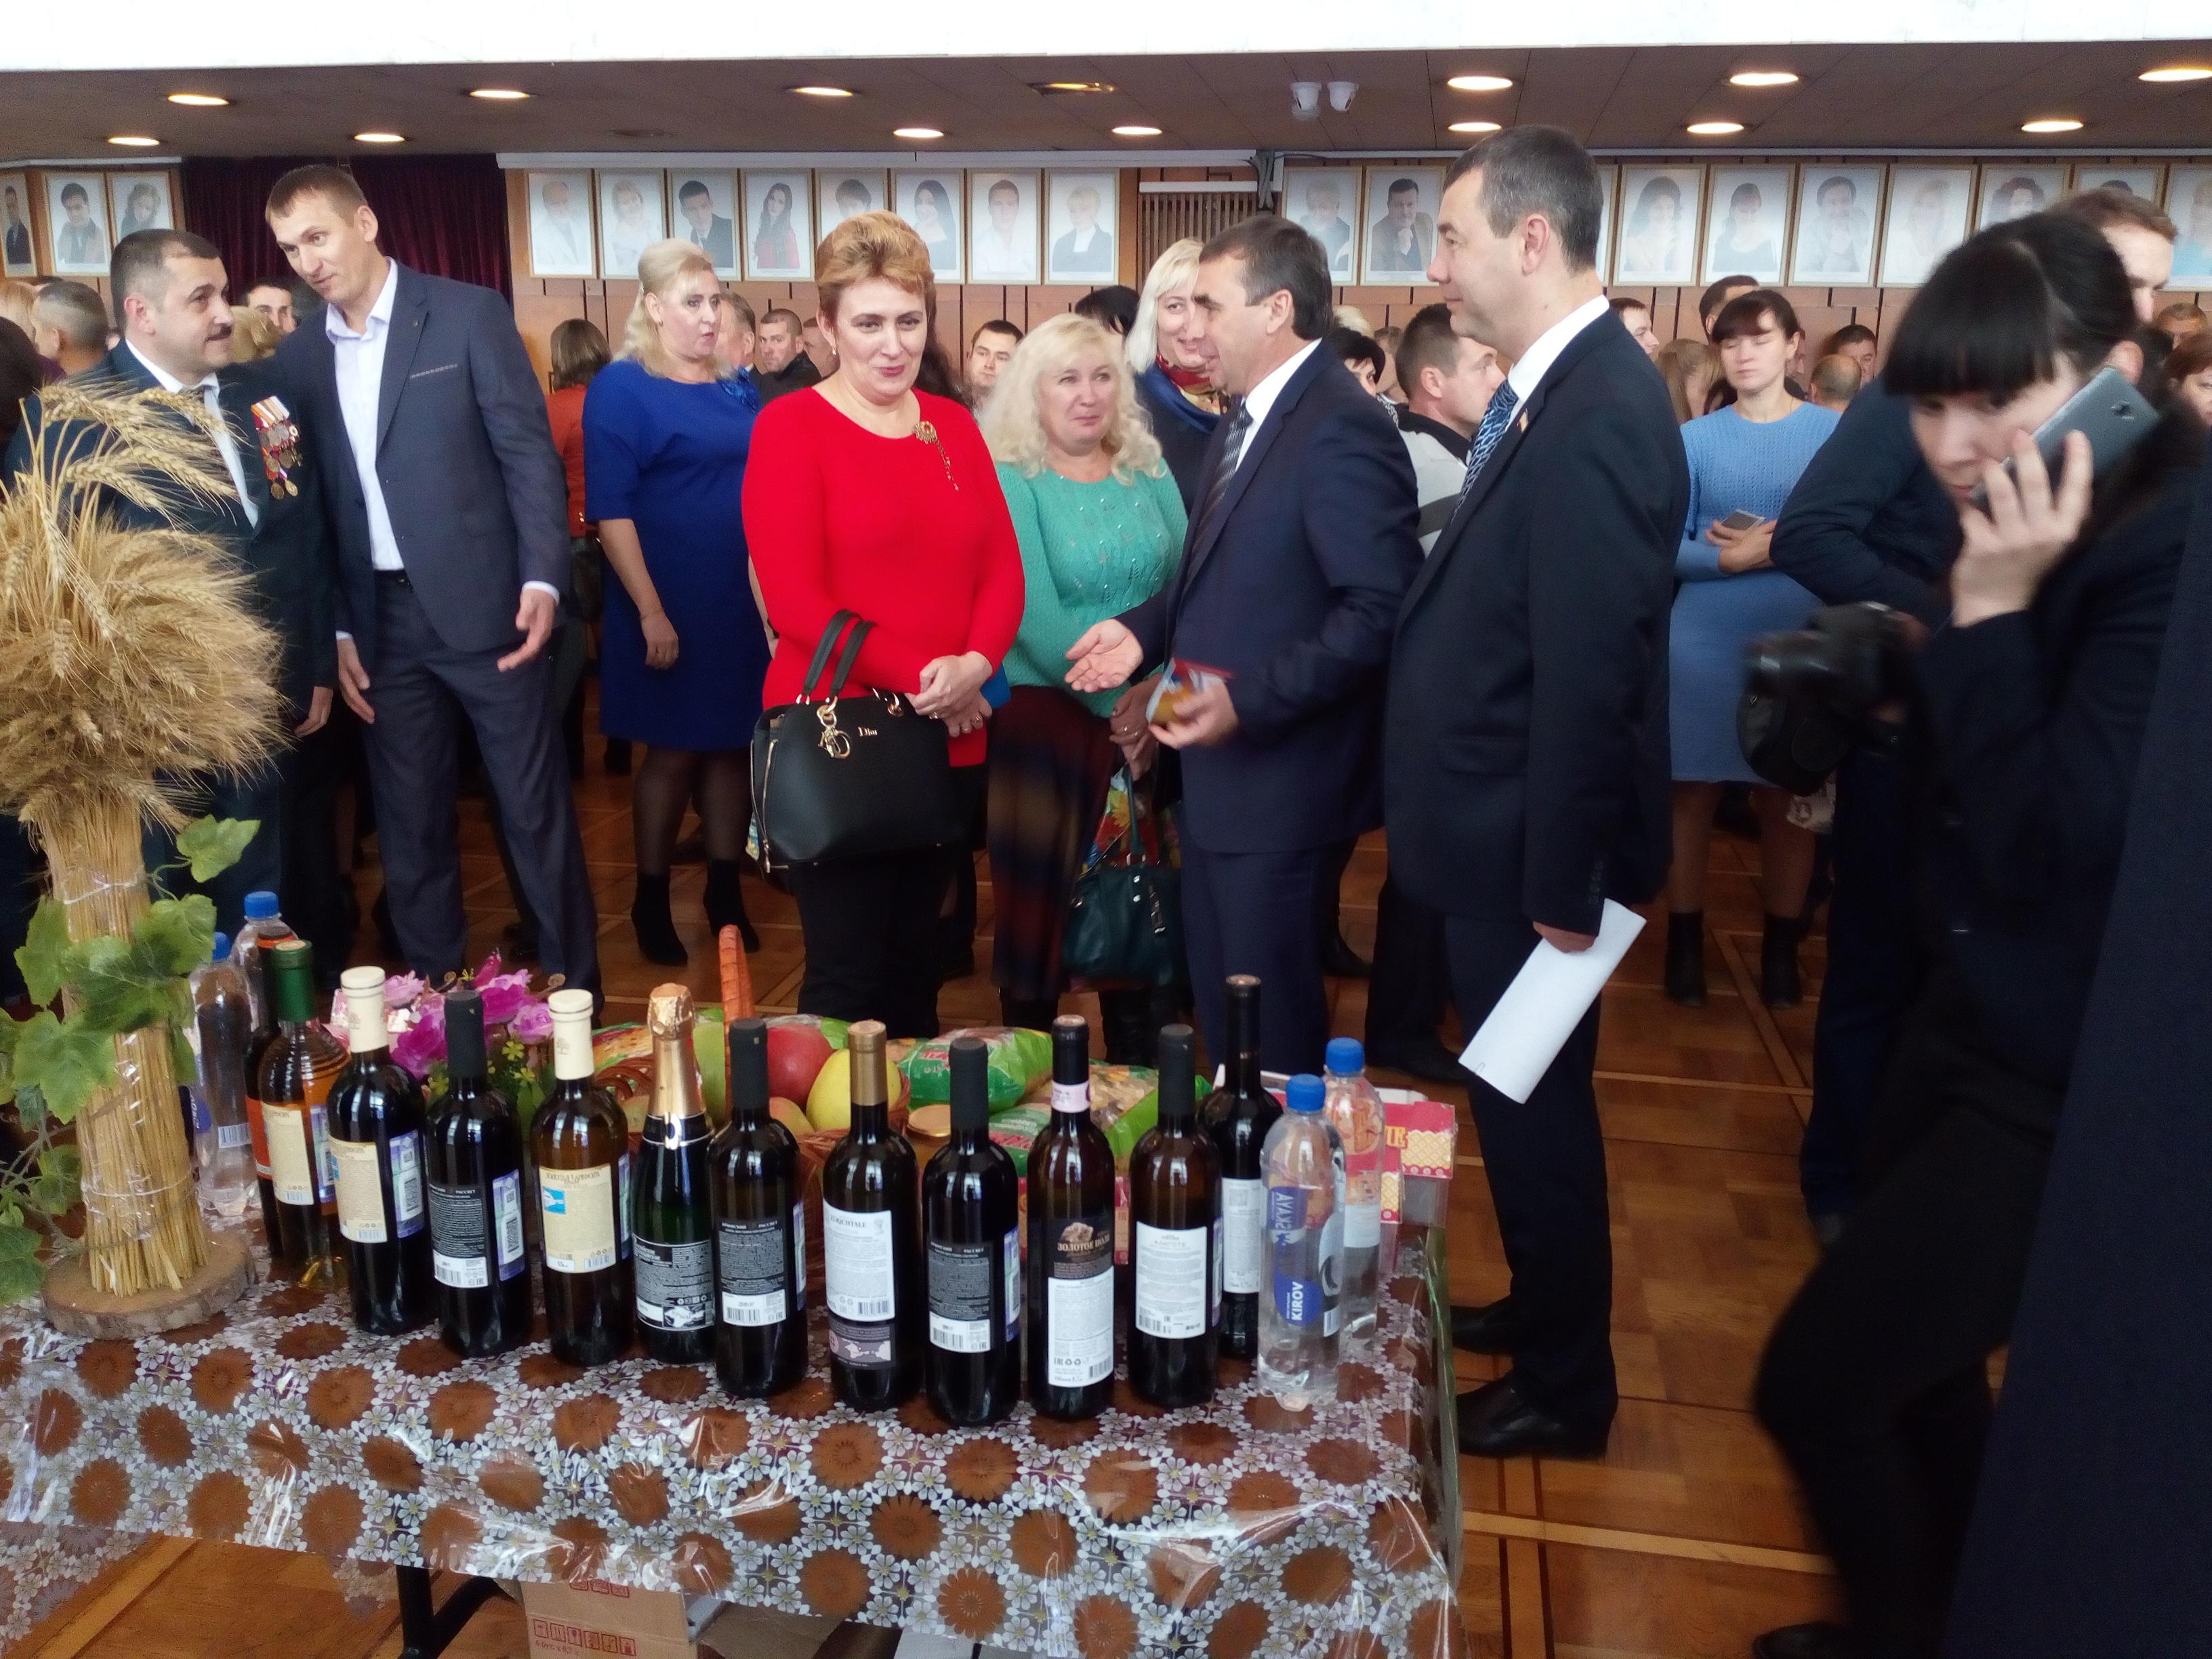 Кировчане приняли участие в торжественном собрании, посвященном Дню работника сельского хозяйства и перерабатывающей промышленности